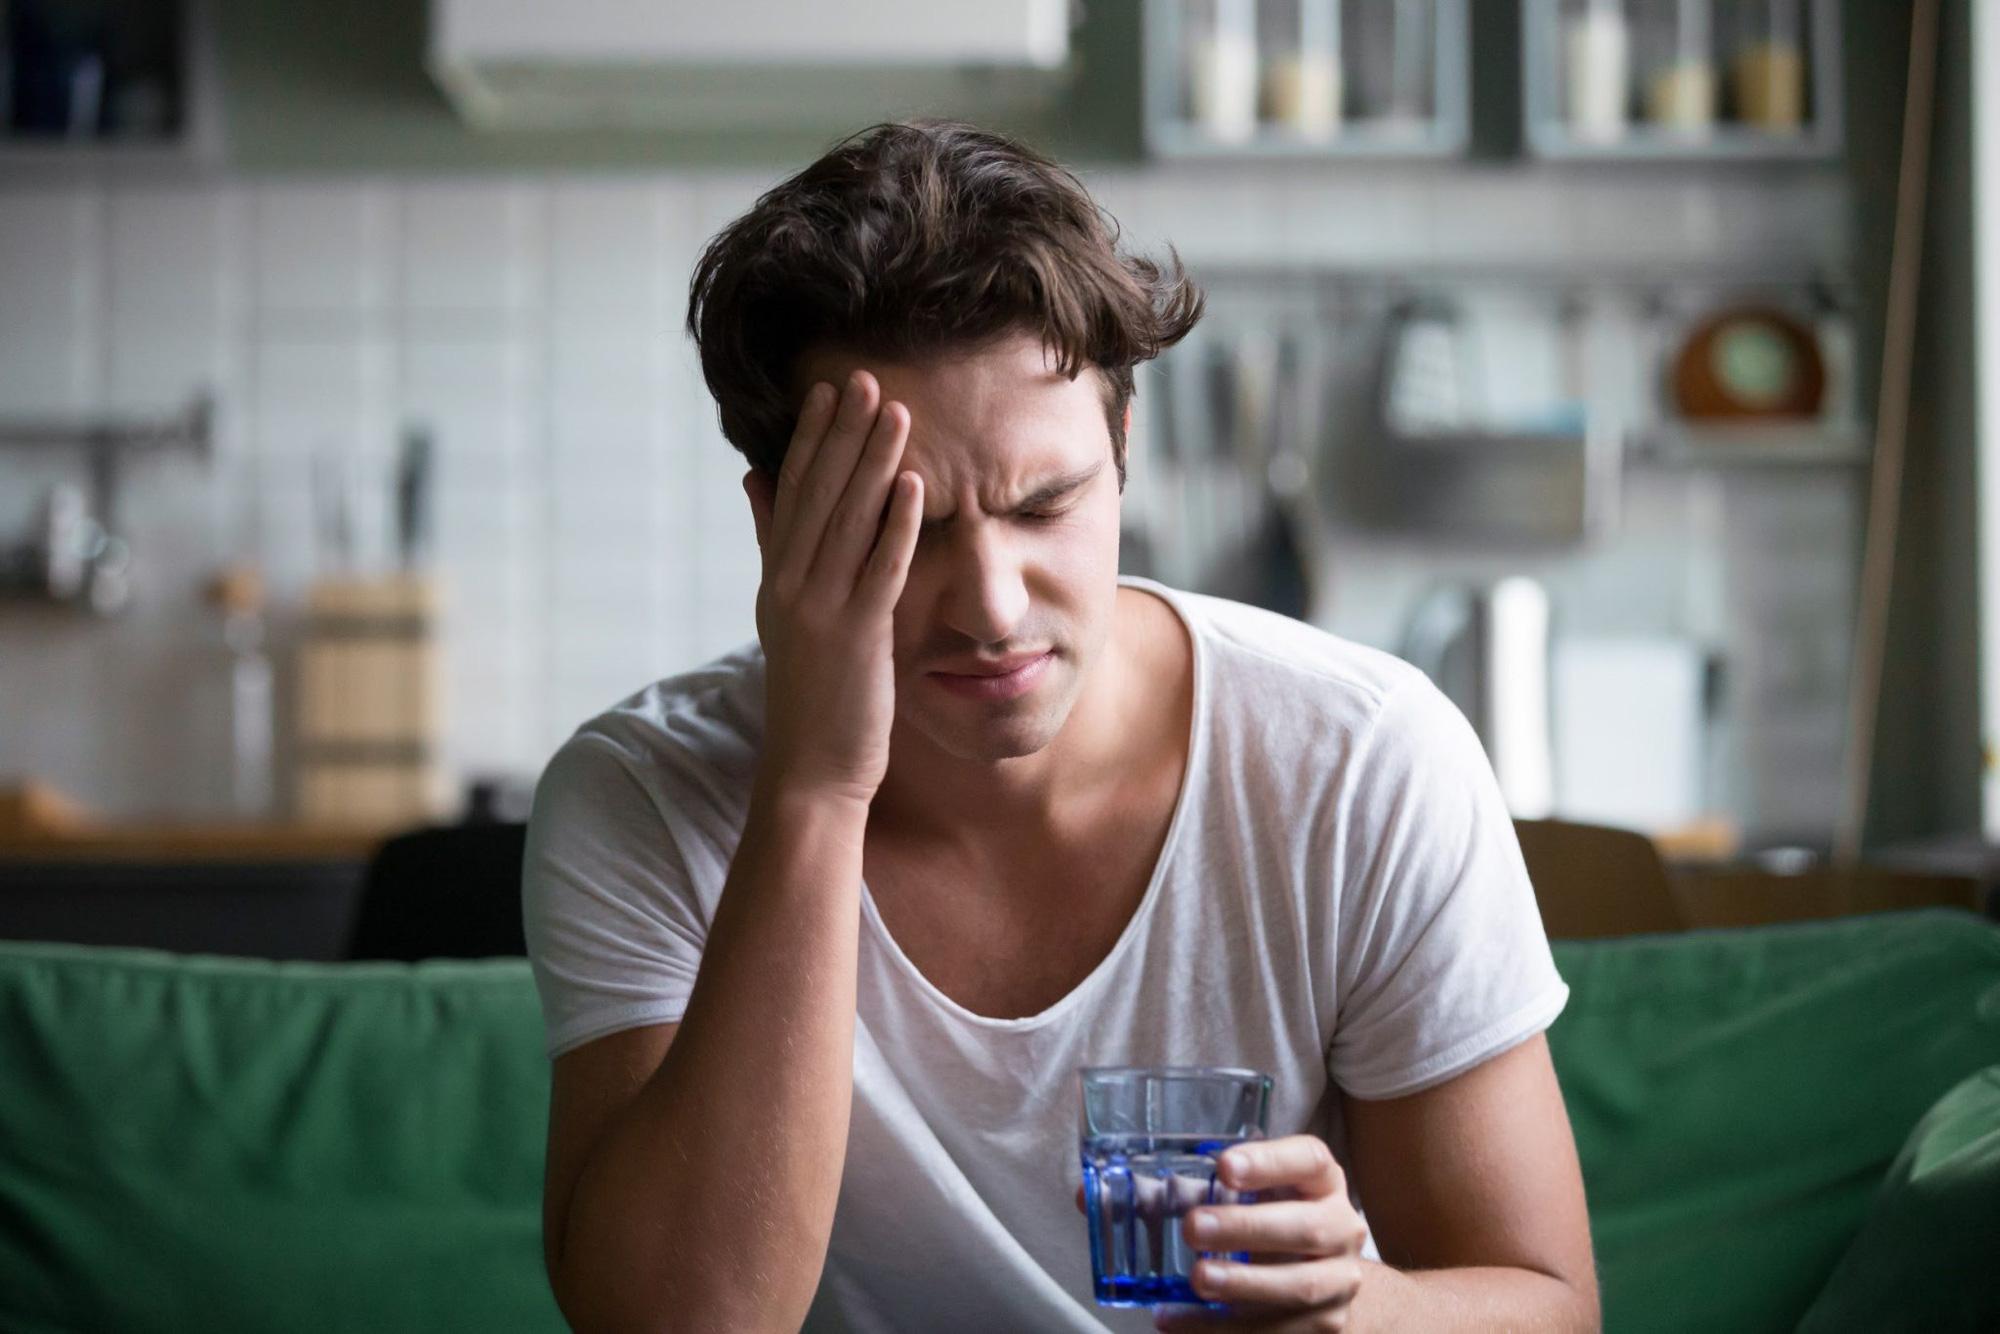 Nhận biết và đề phòng đau đầu migraine tái phát - Ảnh 2.